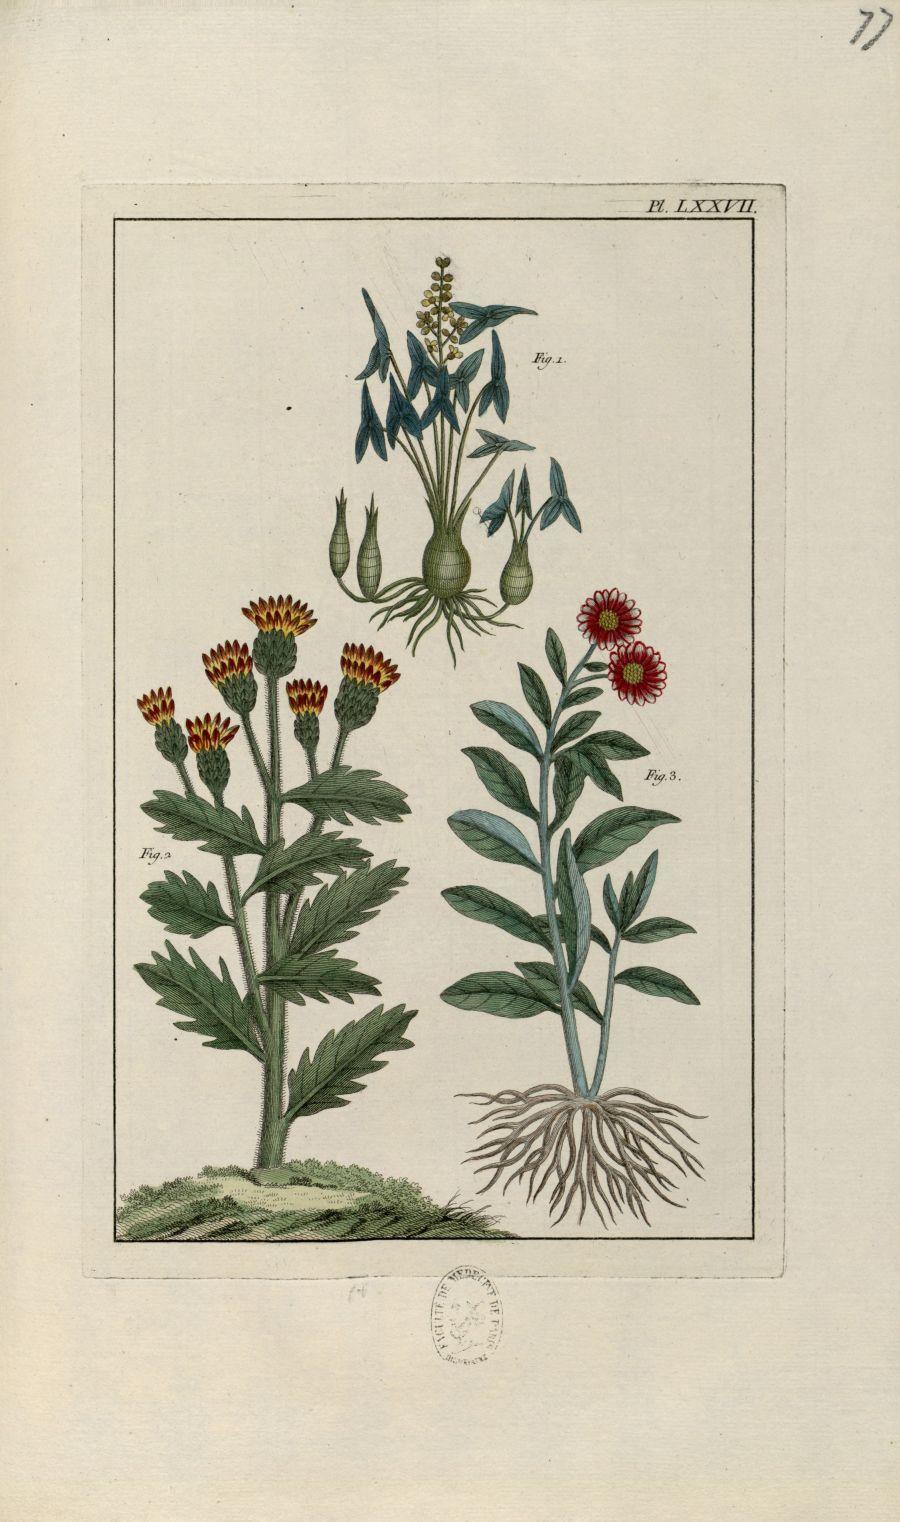 Planche LXXVII - Herbier ou collection des plantes médicinales de la Chine d'après un manuscrit pein [...] - Botanique. Plantes (médecine). Chine. 18e siècle - med01989x0080